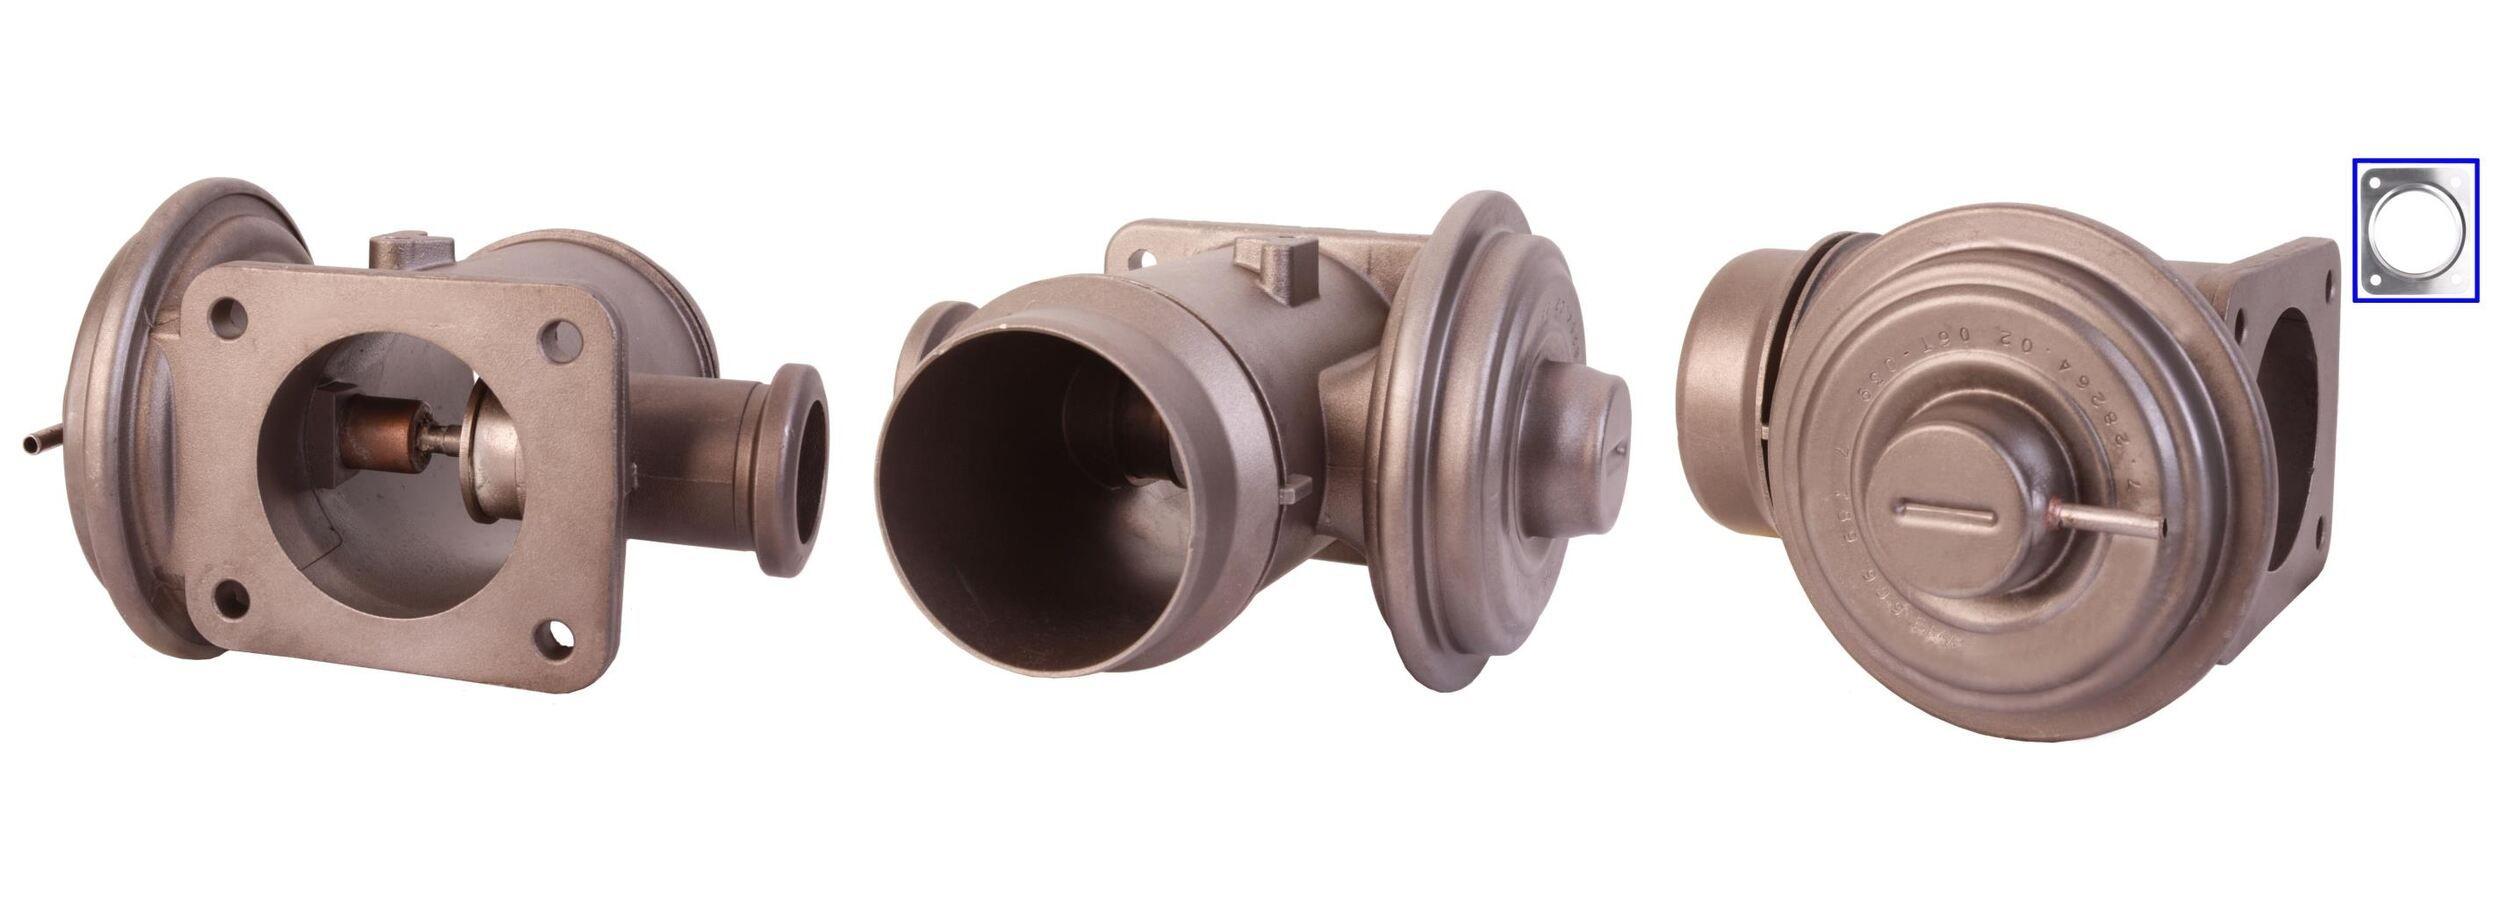 717710063 DRI pneumatisch, mit Dichtungen AGR-Ventil 717710063 günstig kaufen